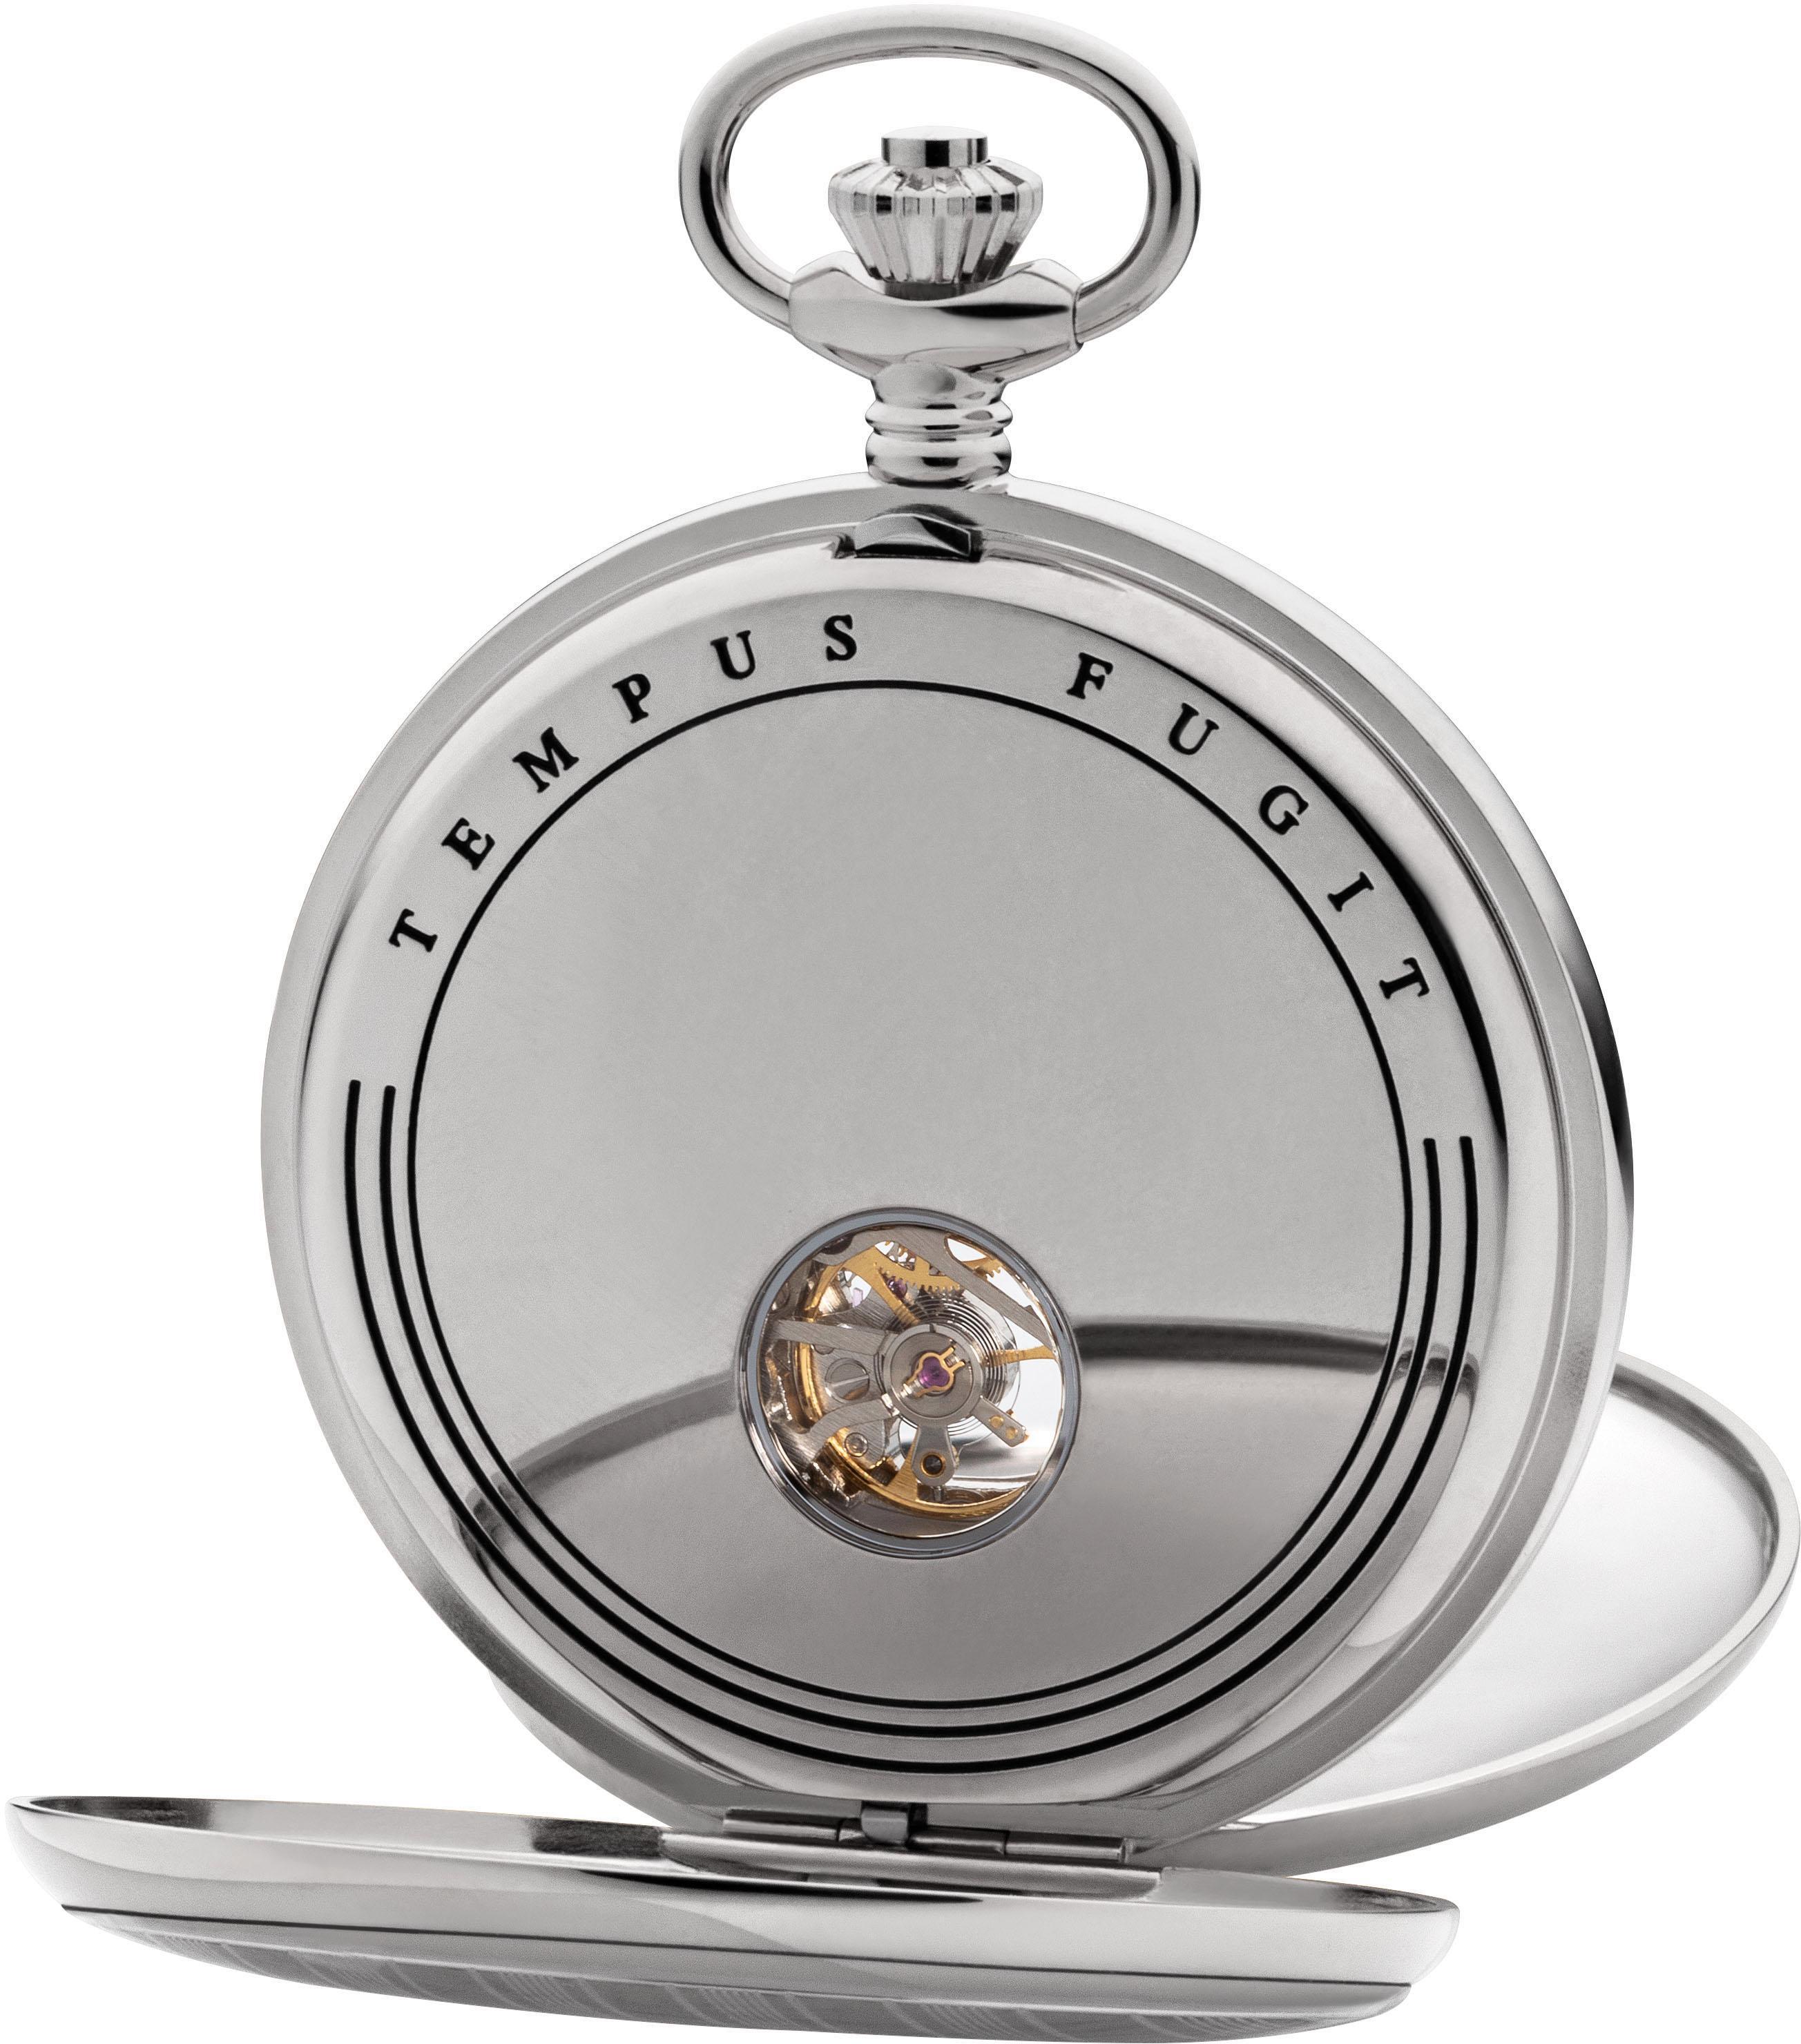 Regent Taschenuhr 11340136, (Set, 2 tlg., inkl. Kette) günstig online kaufen